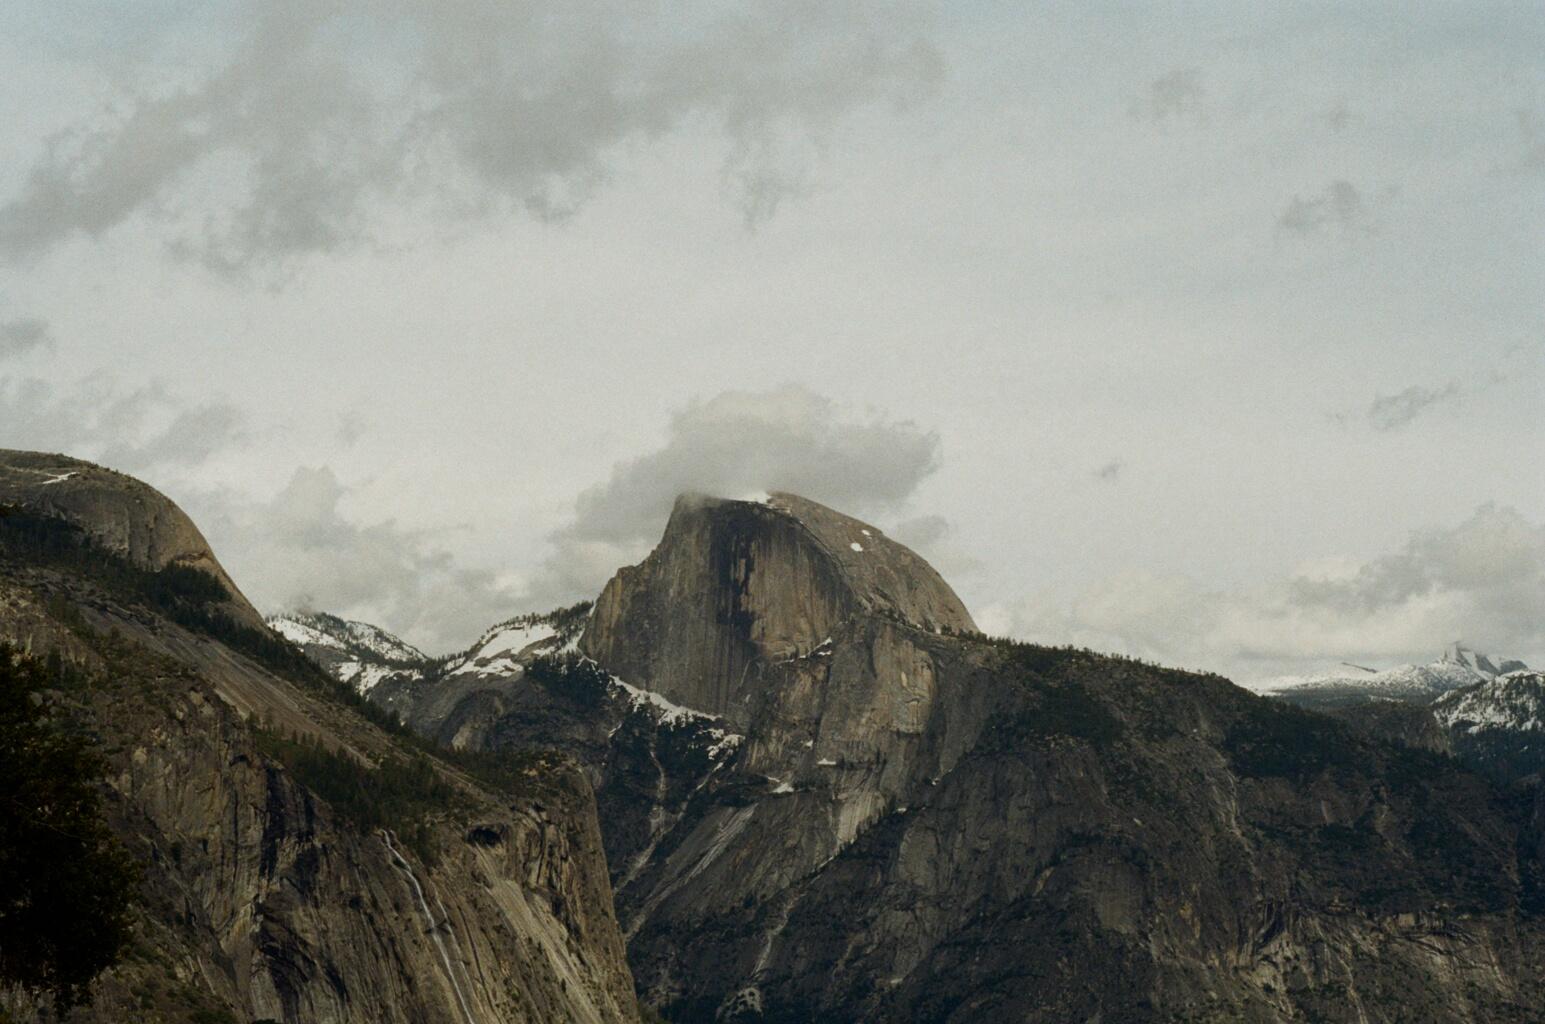 Yosemite National Park - 35mm Fuji